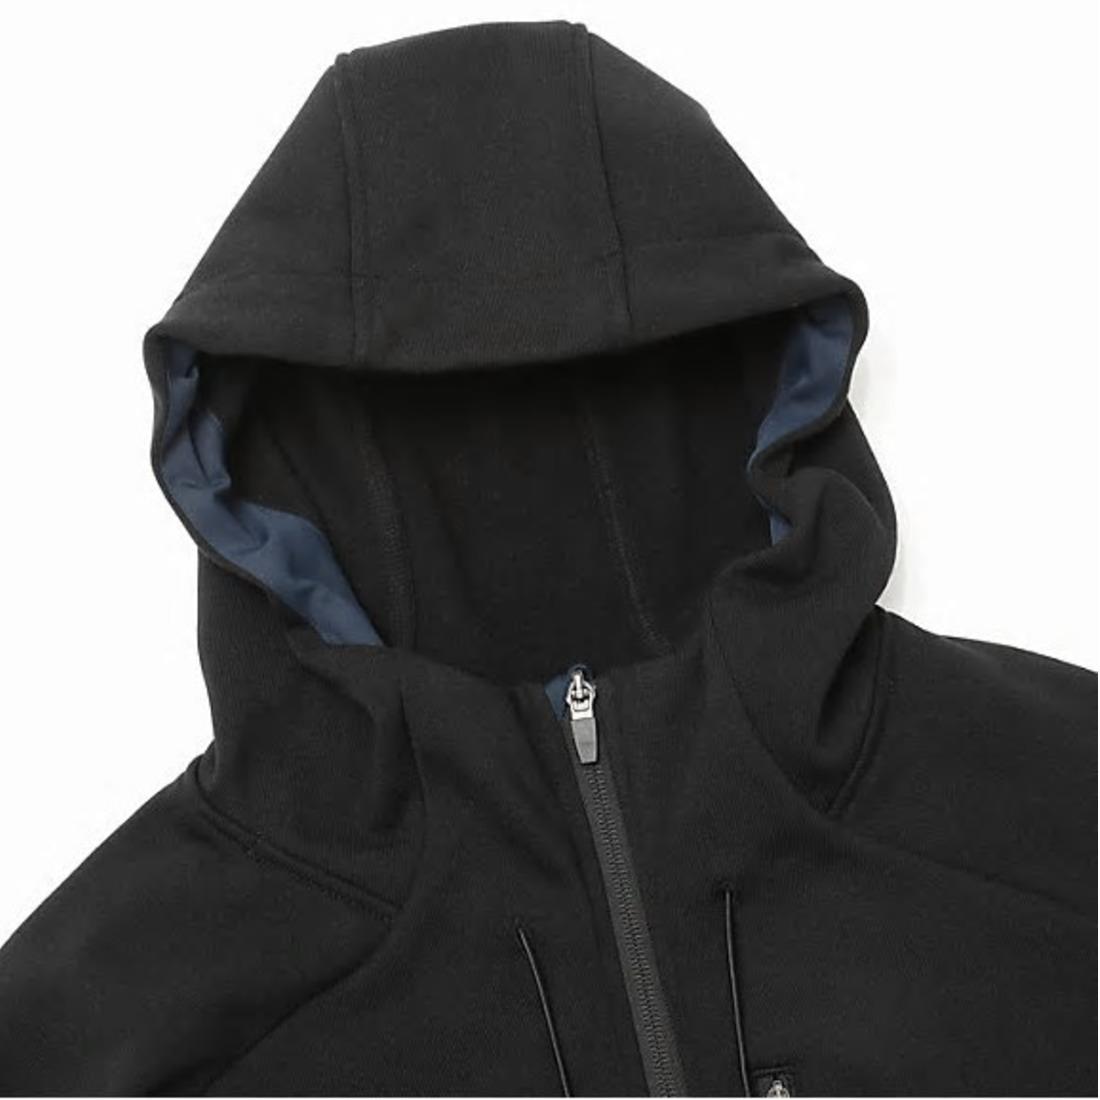 ホグロフス ハイブリッド パーカー メンズ フードジャケット  国内正規品